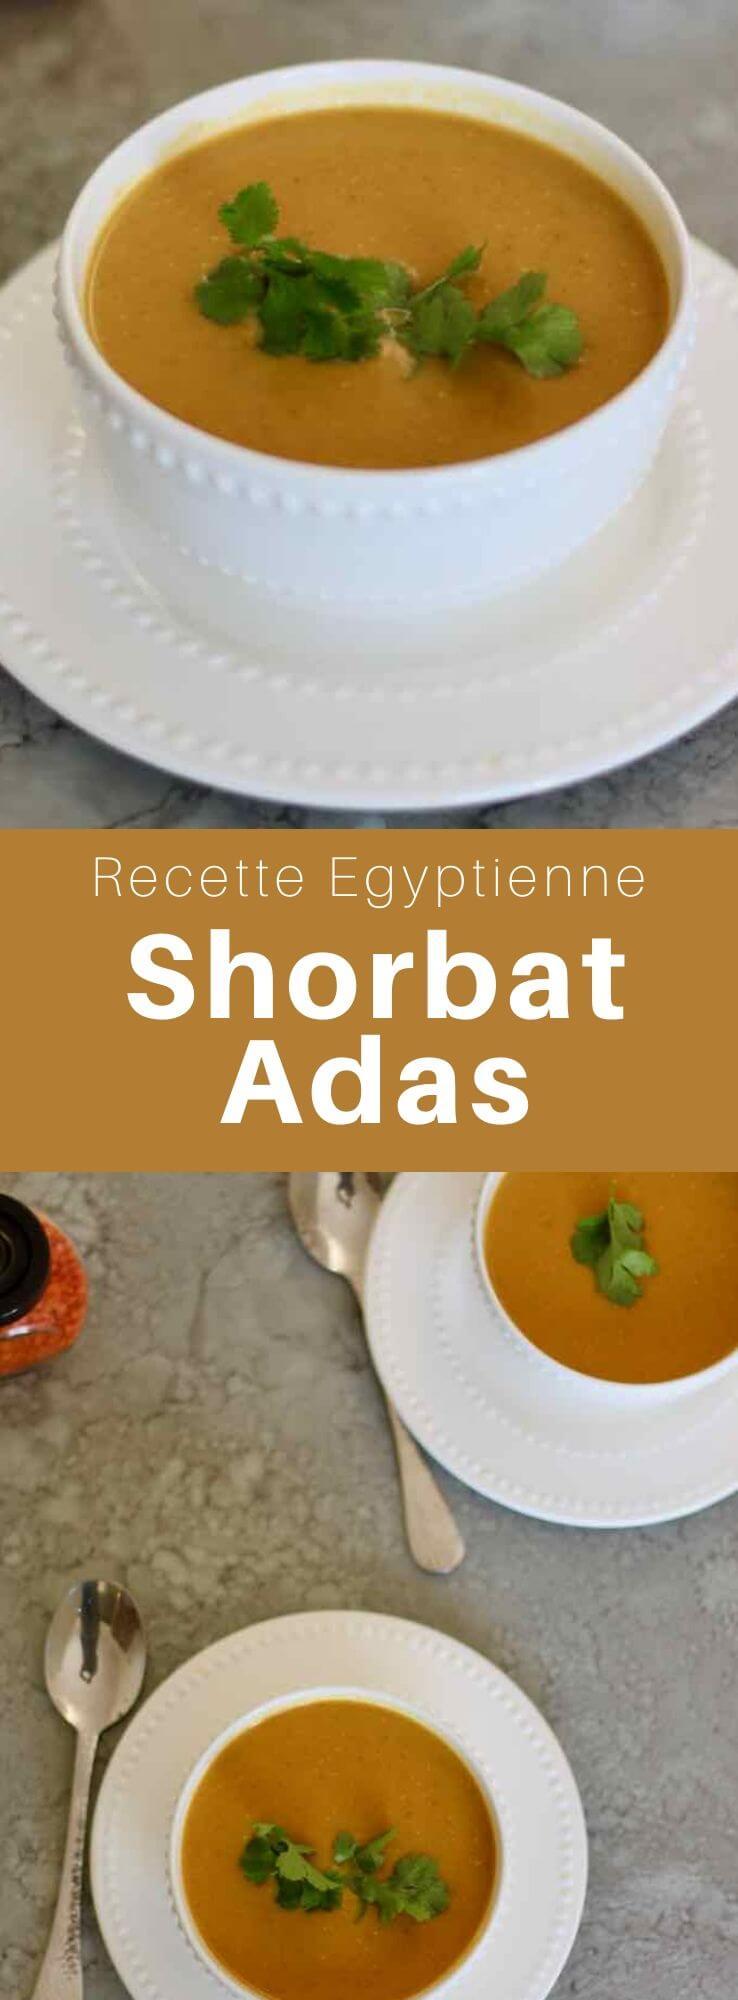 La shorbat adas est une soupe végétalienne de lentilles corail égyptienne parfumée au cumin, repas de base du mois de Ramadan sur les tables de l'Iftar. #Egypte #RecetteEgyptienne #CuisineEgyptienne #CuisineDuMonde #196flavors